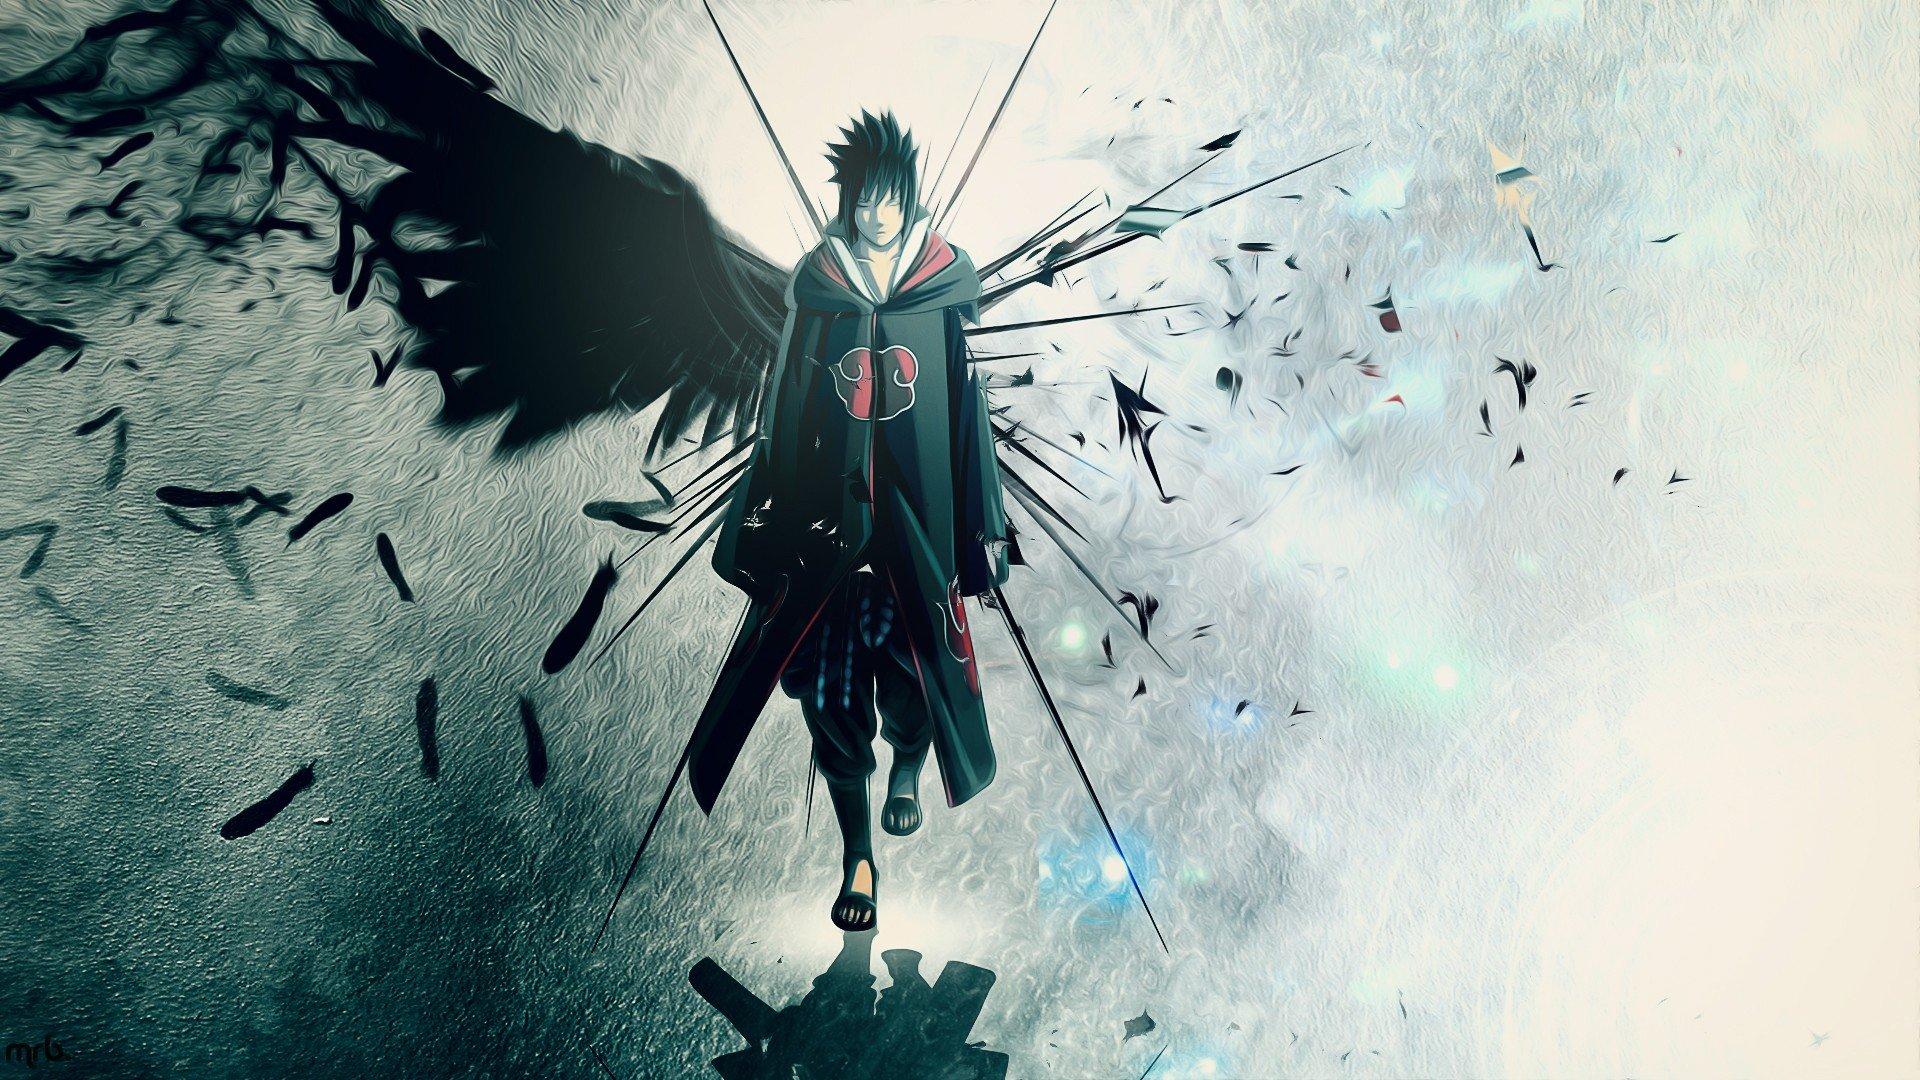 Naruto Shippuden Akatsuki feathers artwork anime anime boys wallpaper 1920x1080